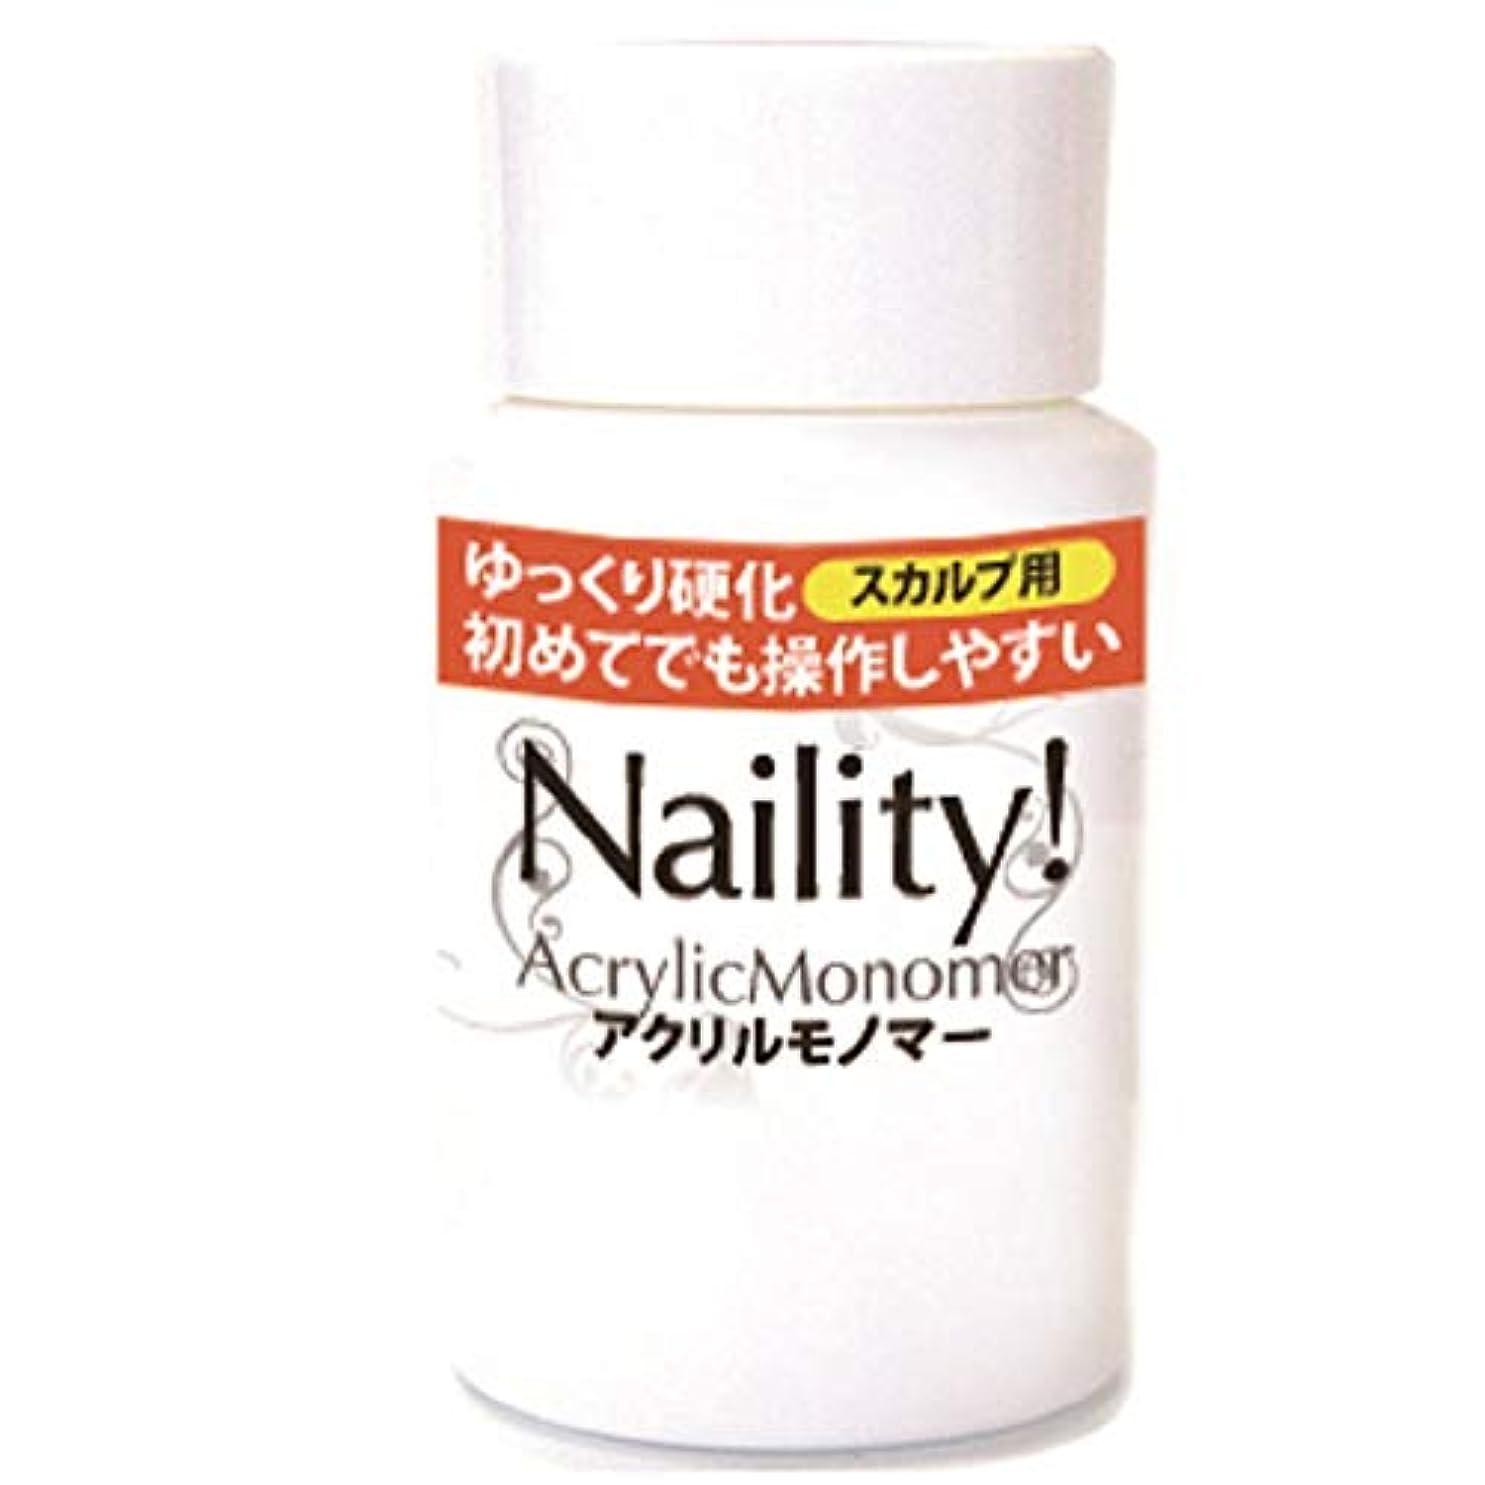 マチュピチュ感情の自動的にNaility! アクリルモノマー 50mL